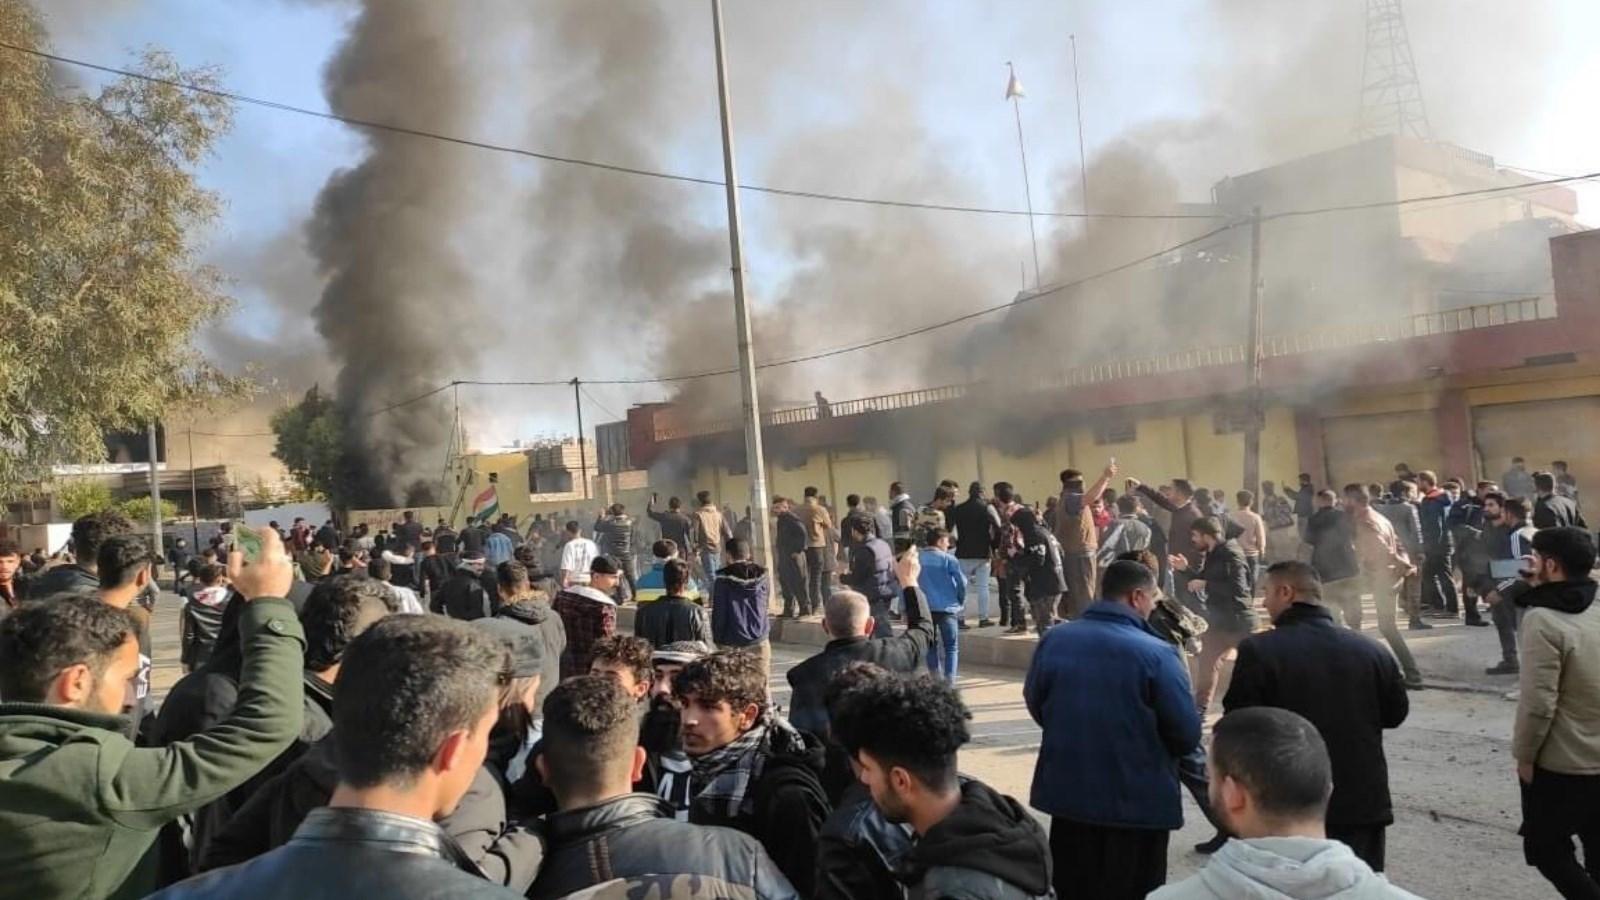 قتل  9 أشخاص من بينهم أمنيين وإصابة 56 آخرين إثر الأحدث التي رافقت الاحتجاجات في السليمانية